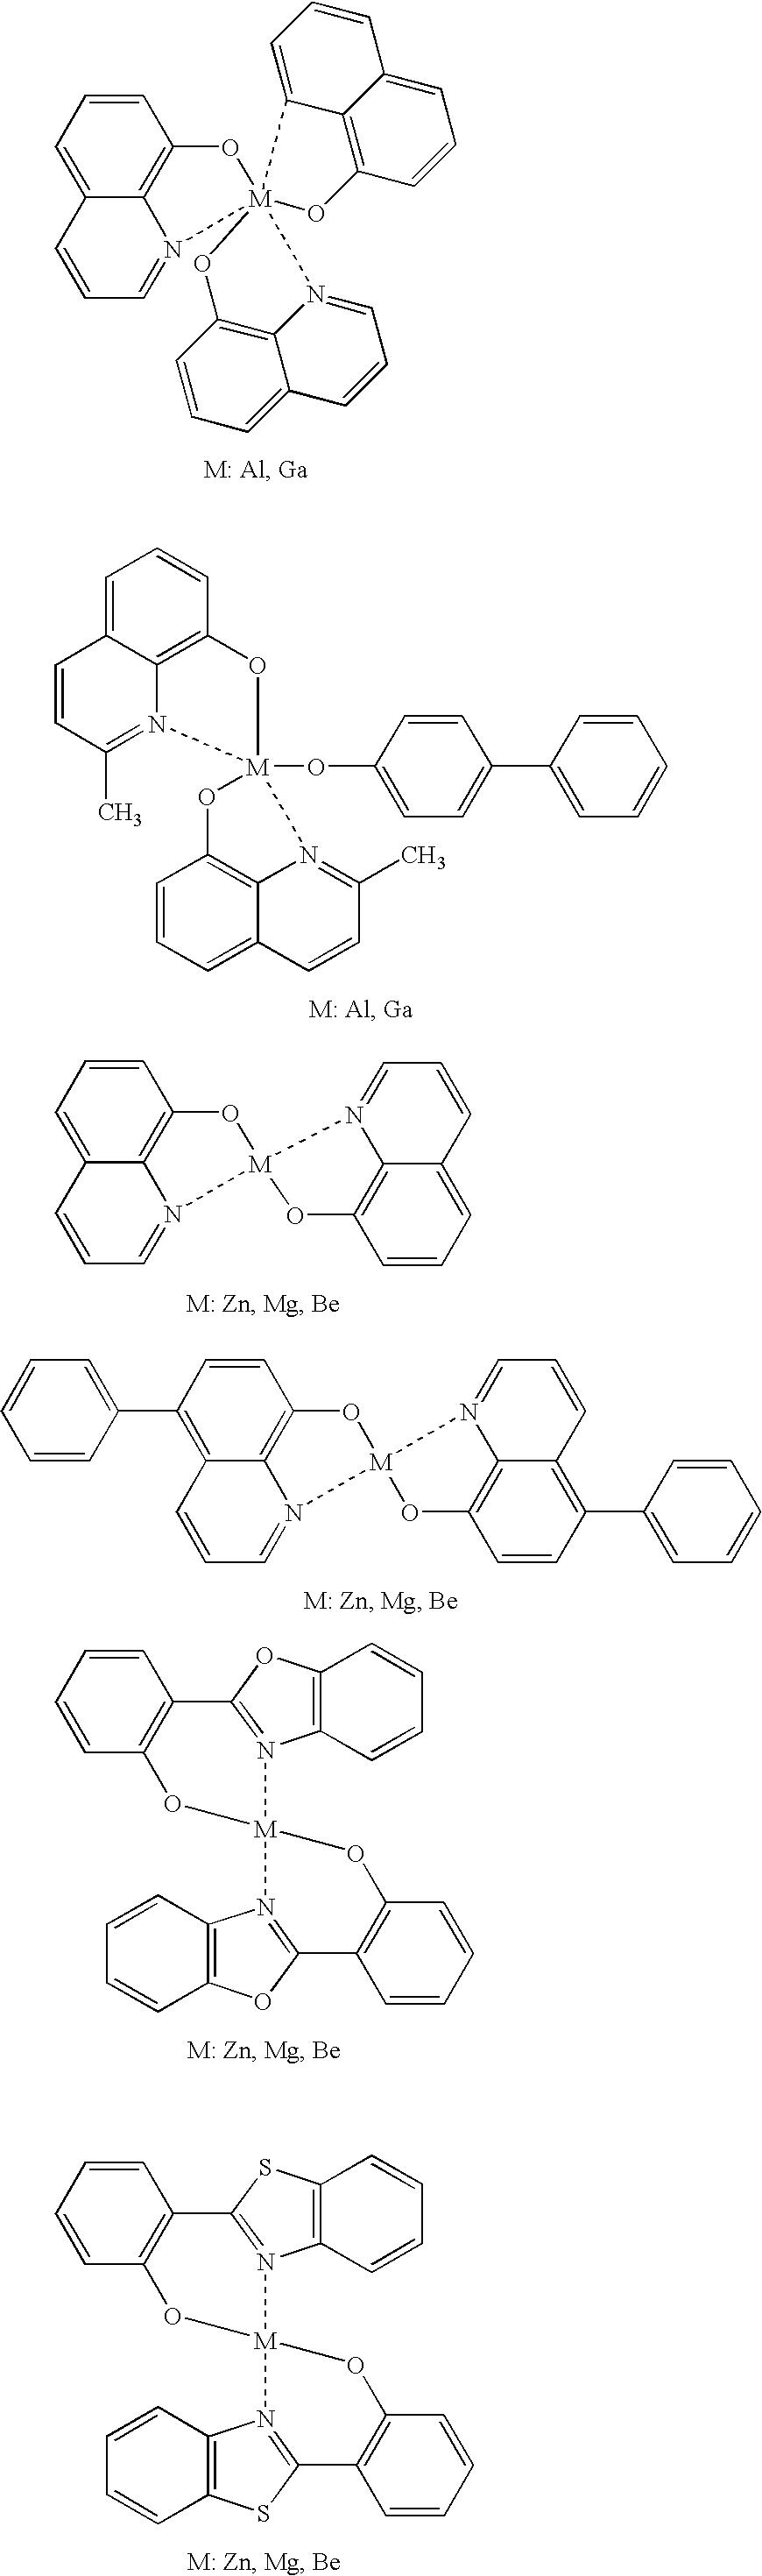 Figure US20090004507A1-20090101-C00003